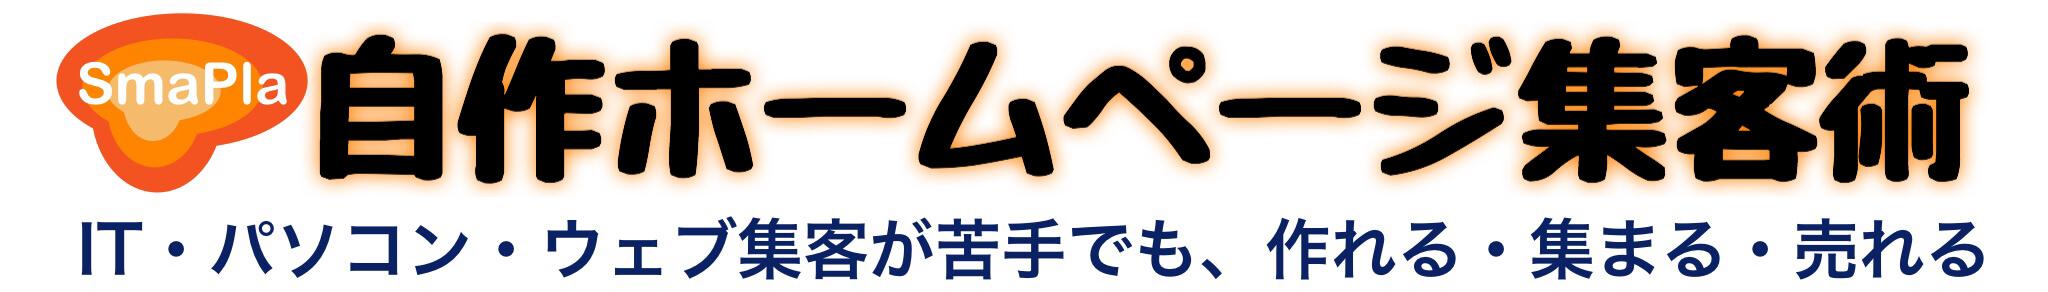 ホームページ集客講座(初心者向け)